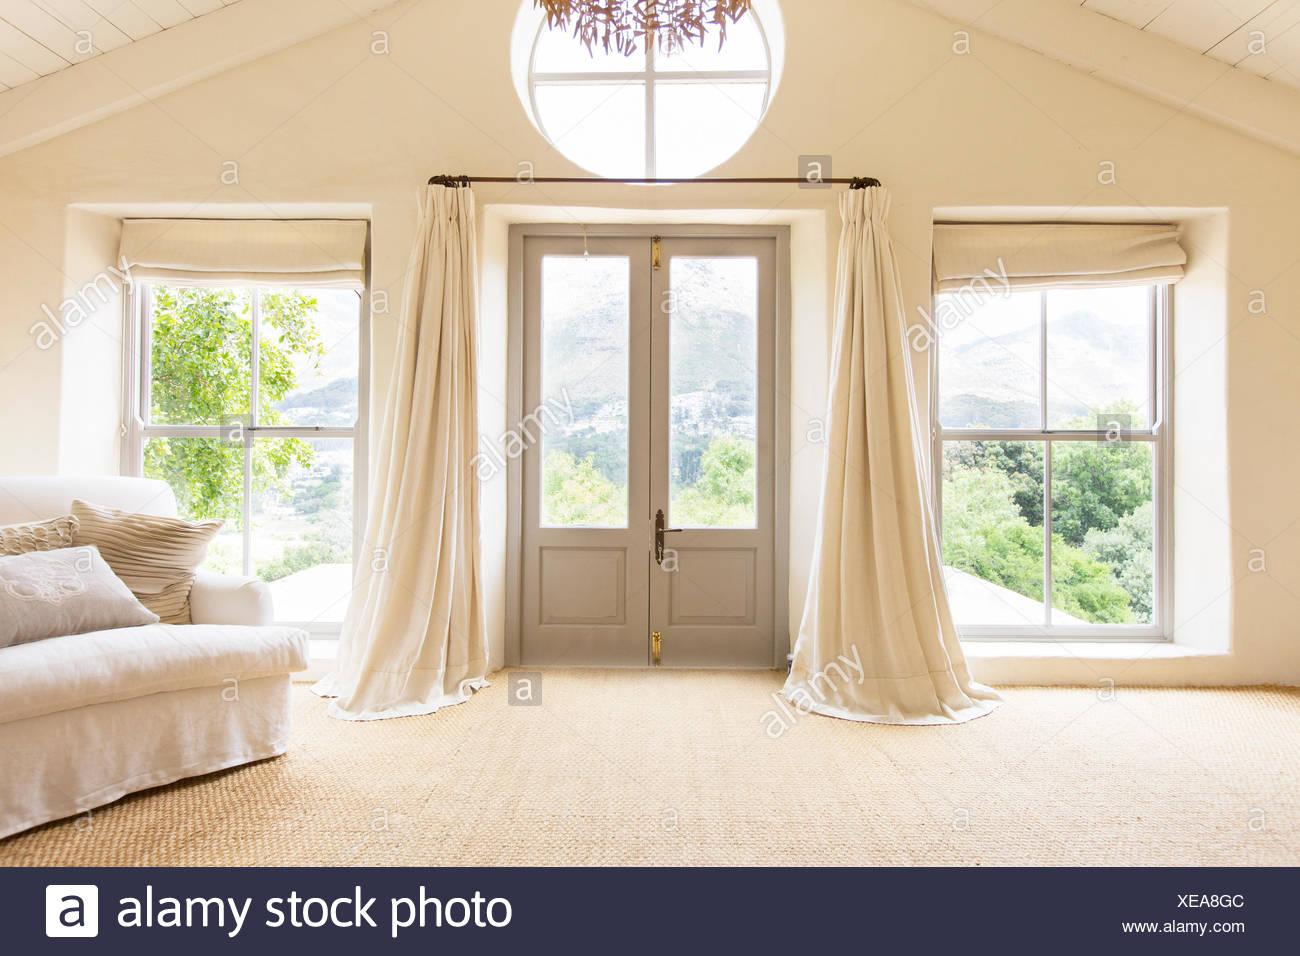 Vorhänge und Haustüren von Landhaus Stockbild